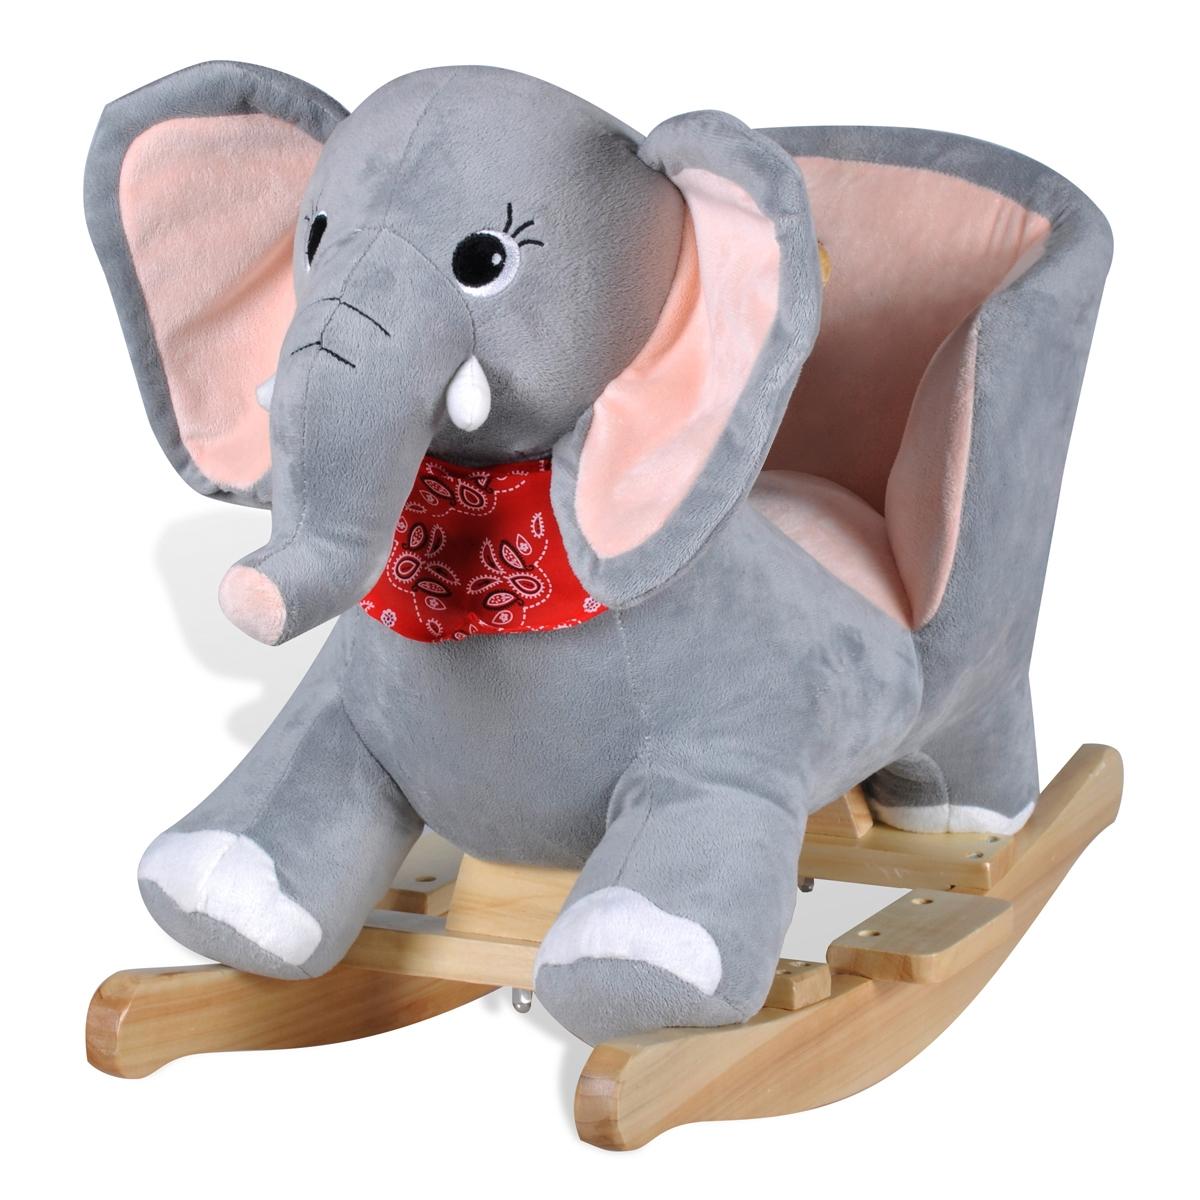 Jouet a bascule pour bebe Cheval Coccinelle Elephant Teddy Lion